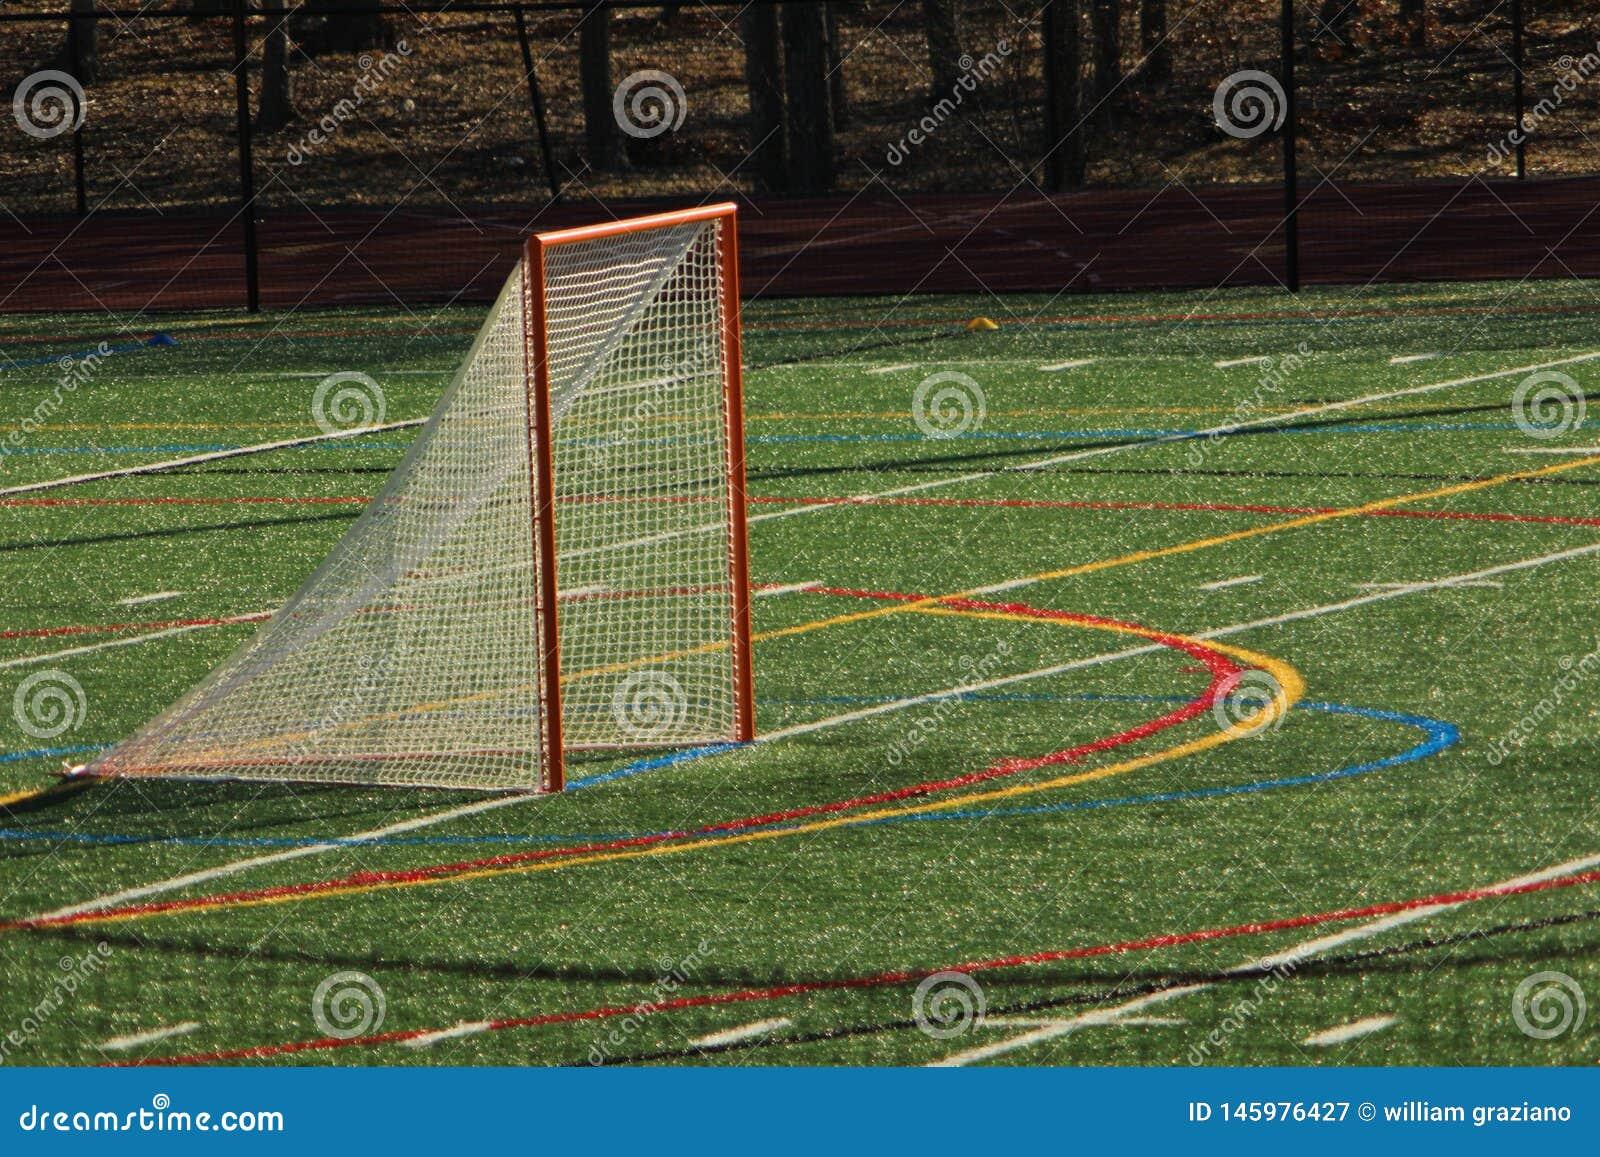 Objetivo da lacrosse em um campo do relvado